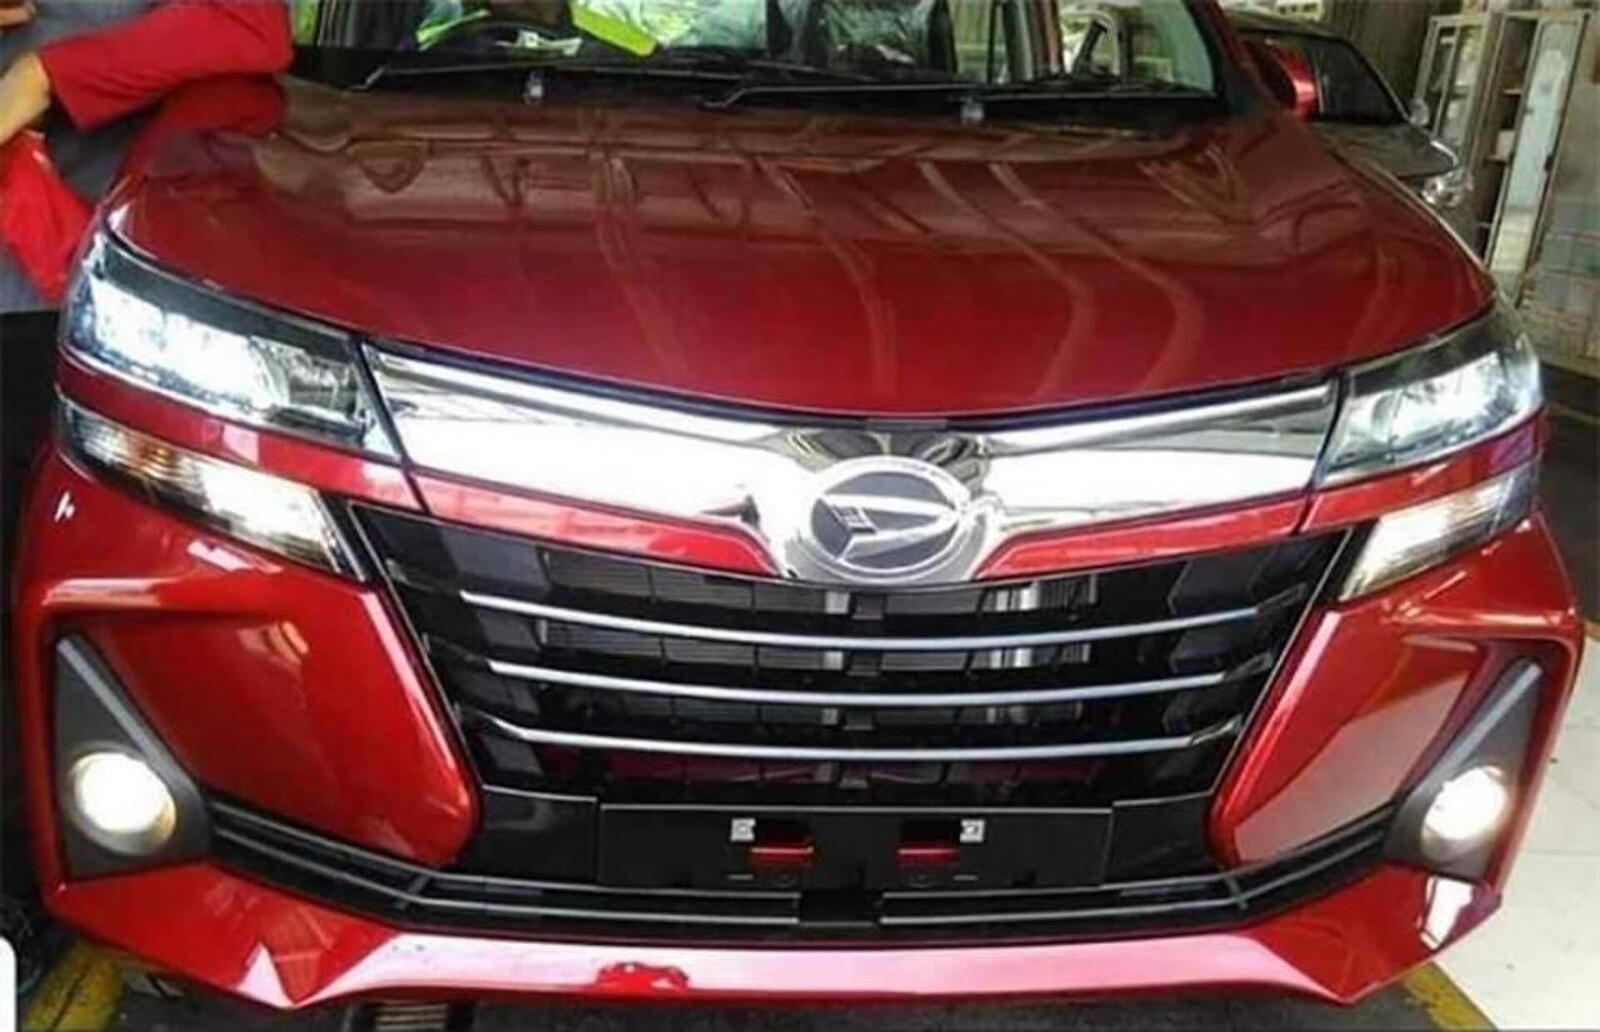 Lộ diện Toyota Avanza 2019 phiên bản nâng cấp Facelift mới với thiết kế đẹp phiên bản cũ - Hình 12